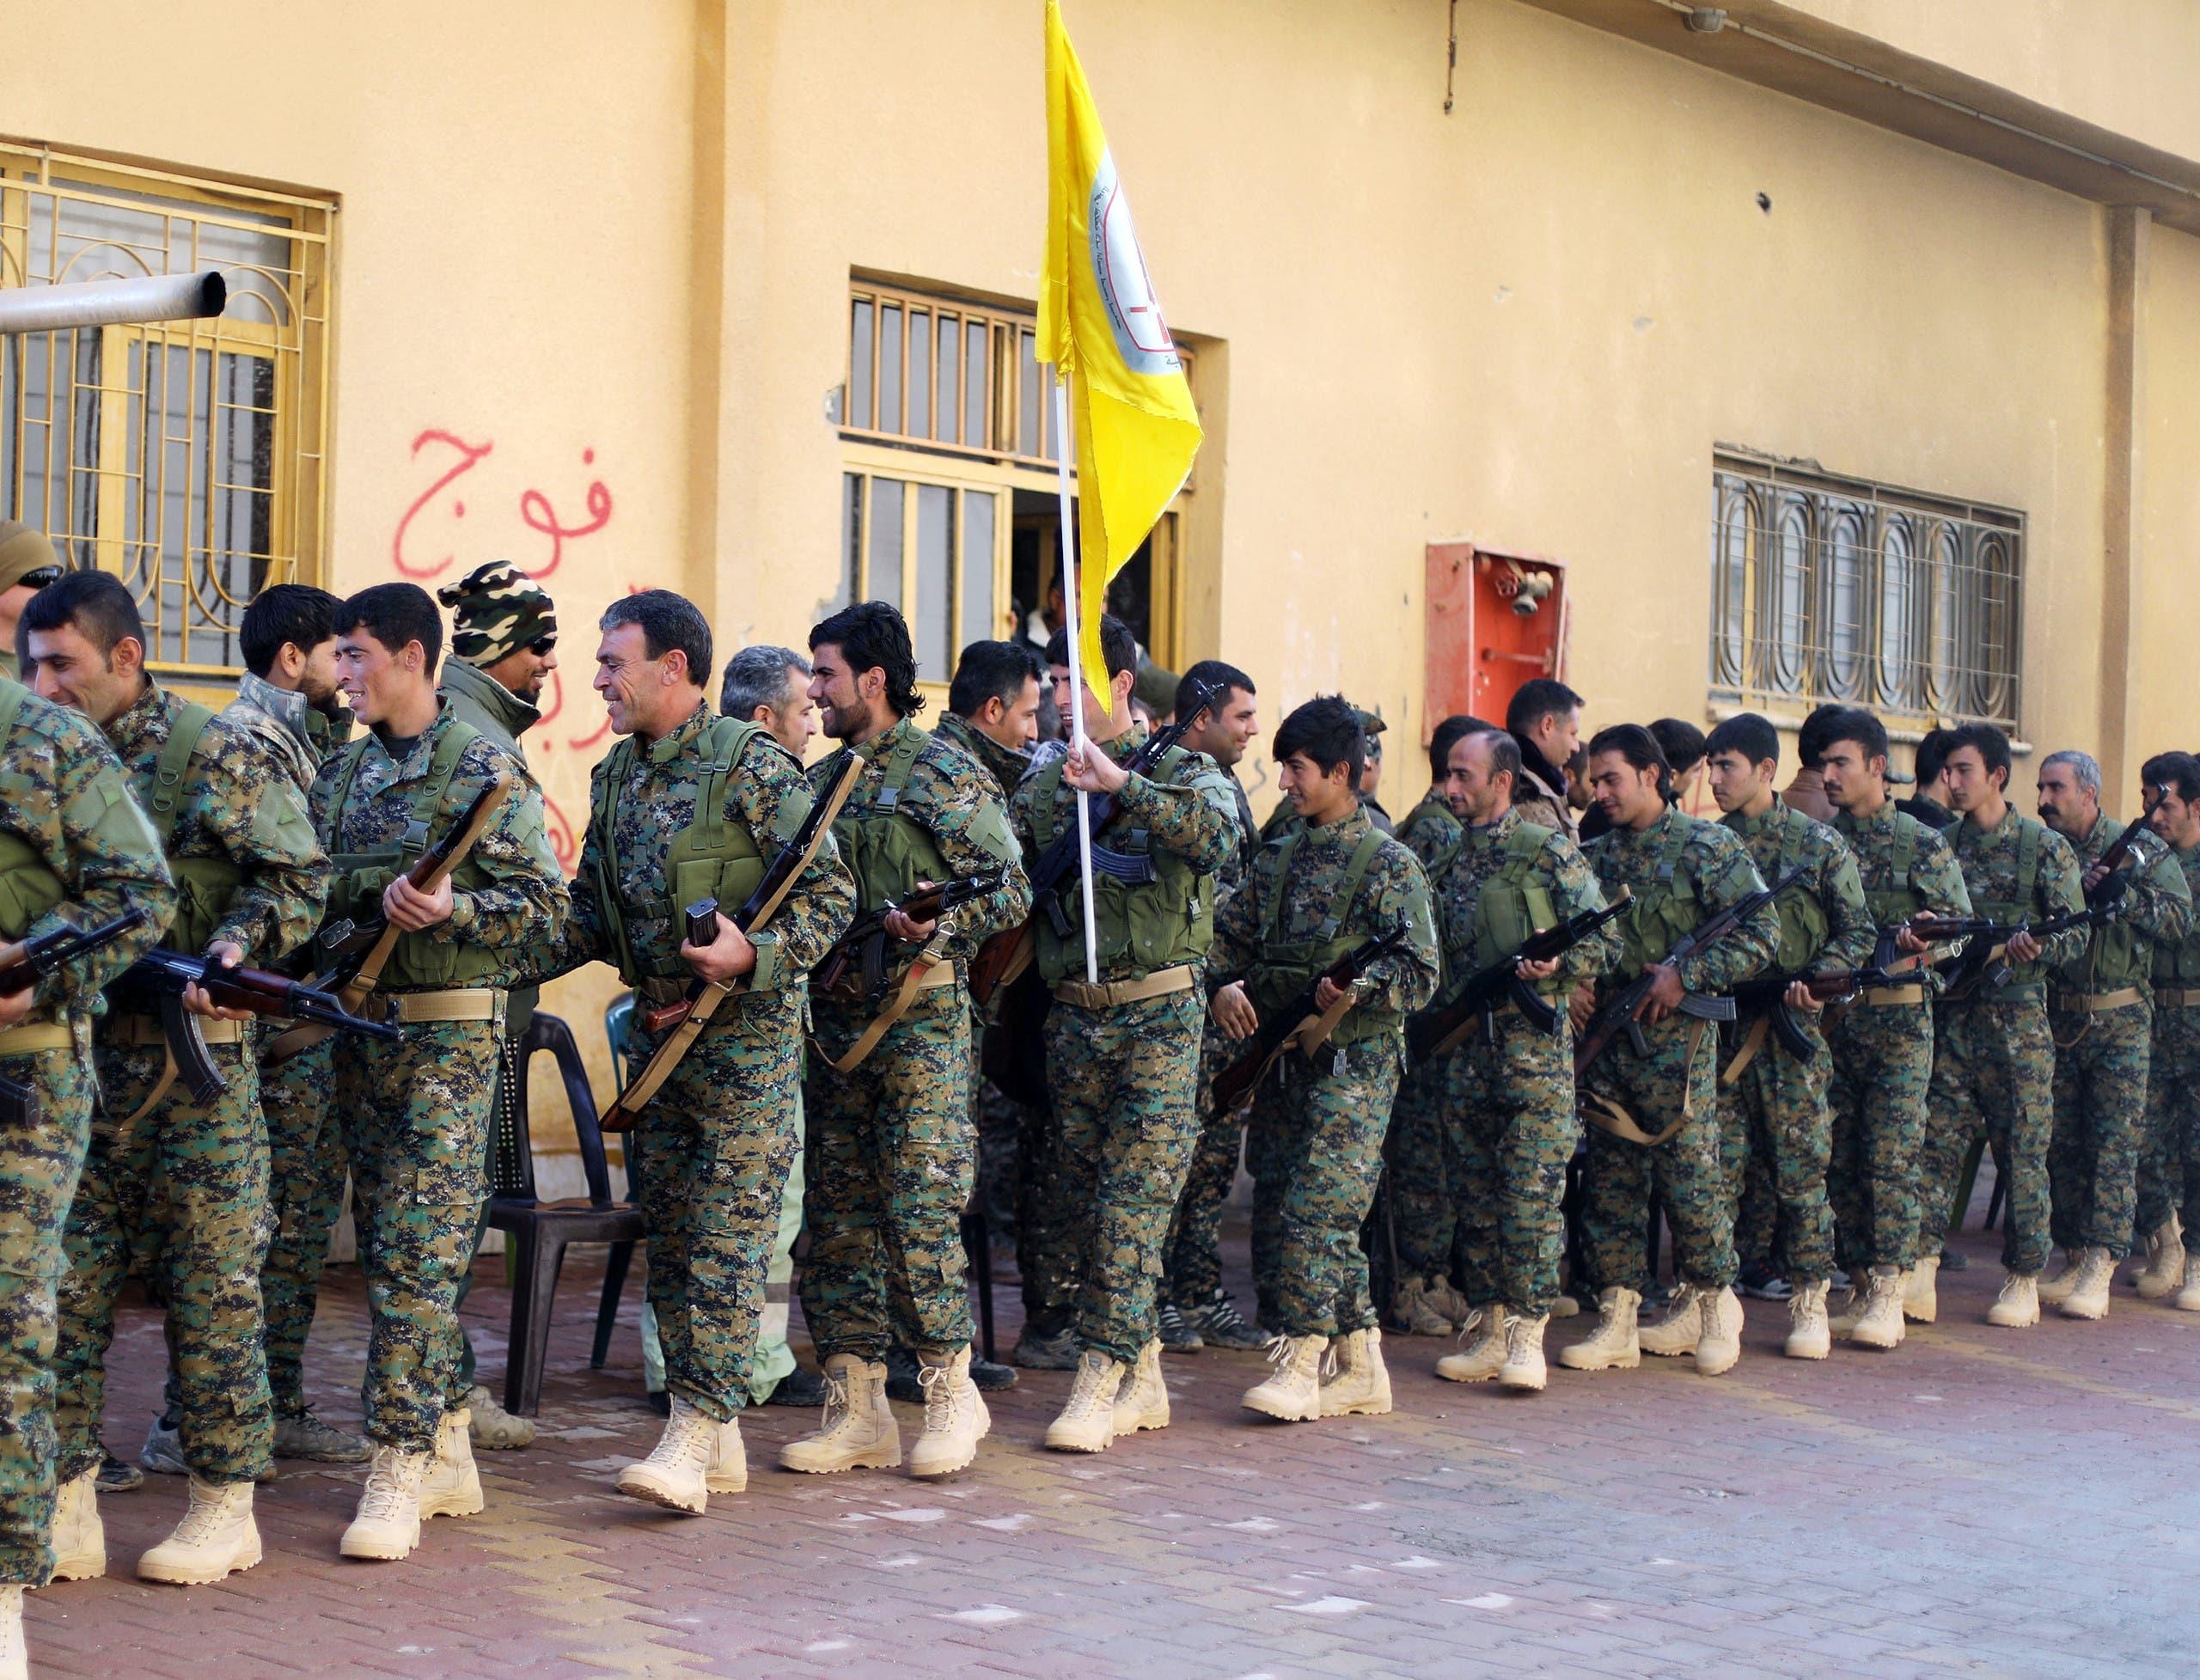 نیروهای دموکراتیک سوریه در حساکا (رویترز)